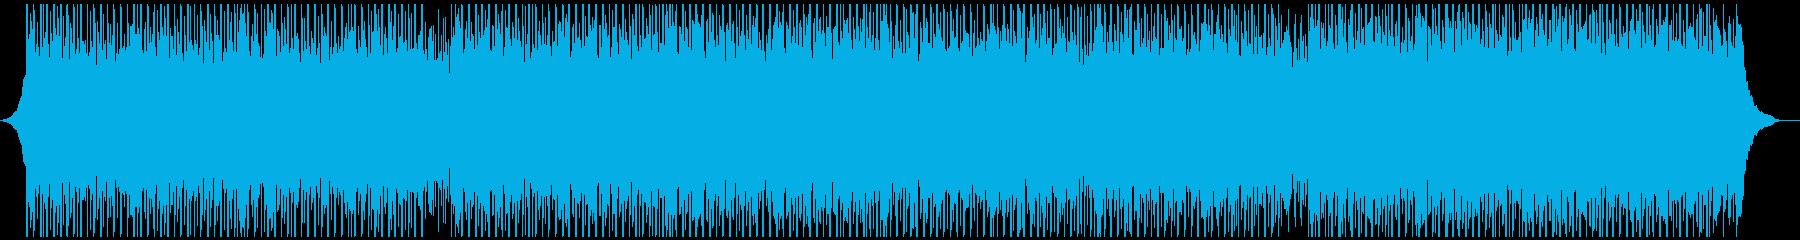 モダン株式会社の再生済みの波形